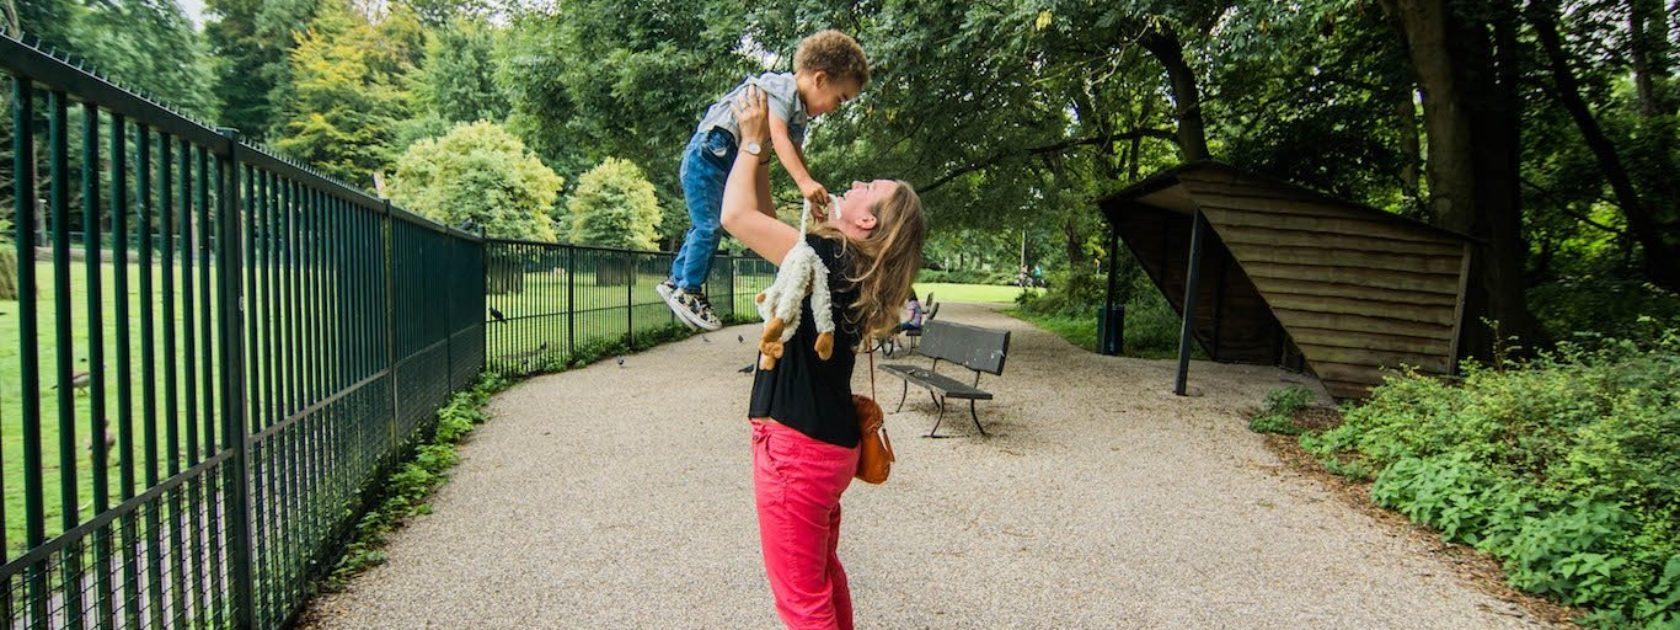 Evelien vertelt over haar favoriete plek in Rotterdam: het Hertenkamp. Dit komt eigenlijk doordat het het favoriete plekje is van haar zoontje Evan, waar hij vrolijk kan kijken naar de lieve hertjes.